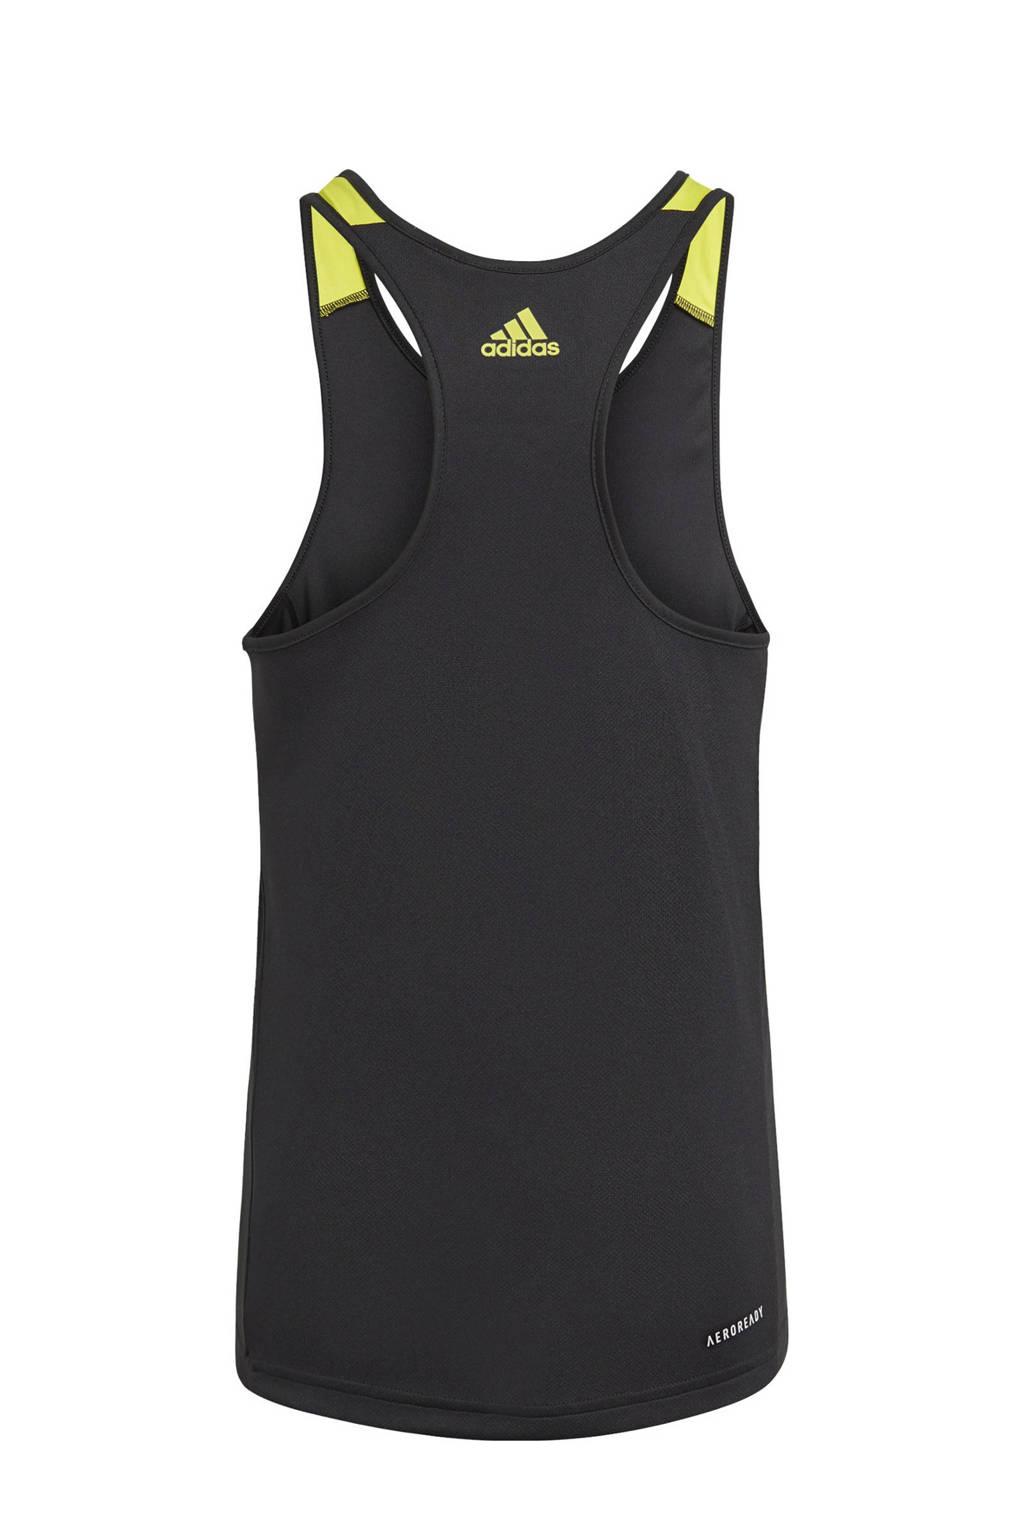 adidas Performance Designed2Move sporttop zwart/geel/grijs, Zwart/geel/grijs